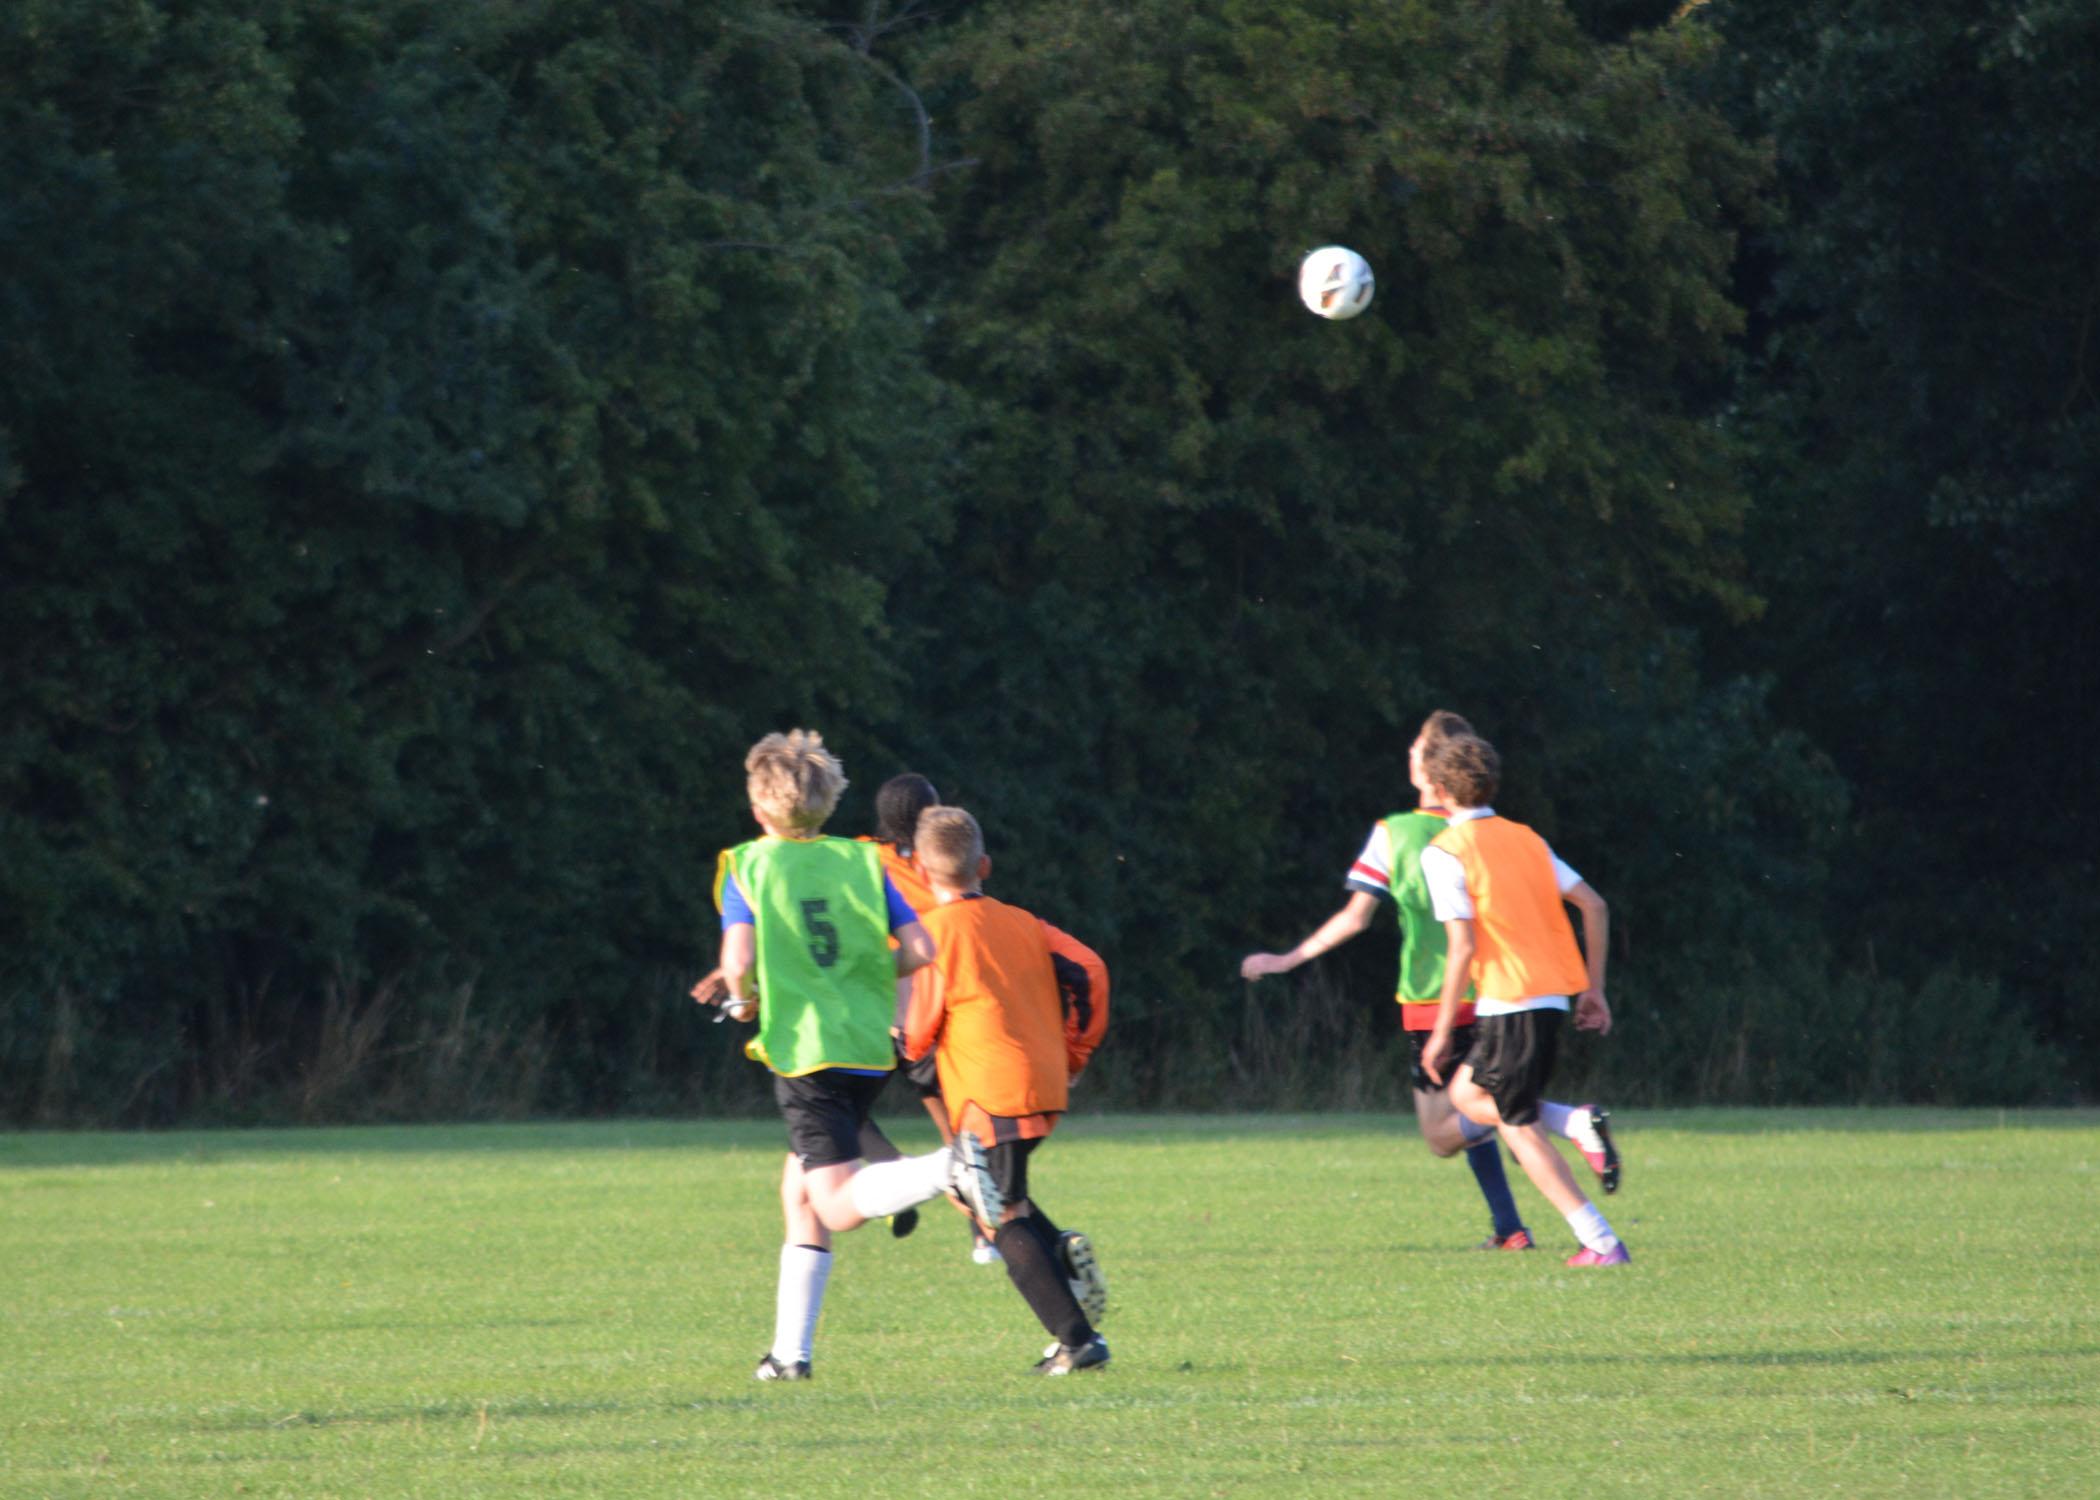 Fotboll värdegrund why syfte